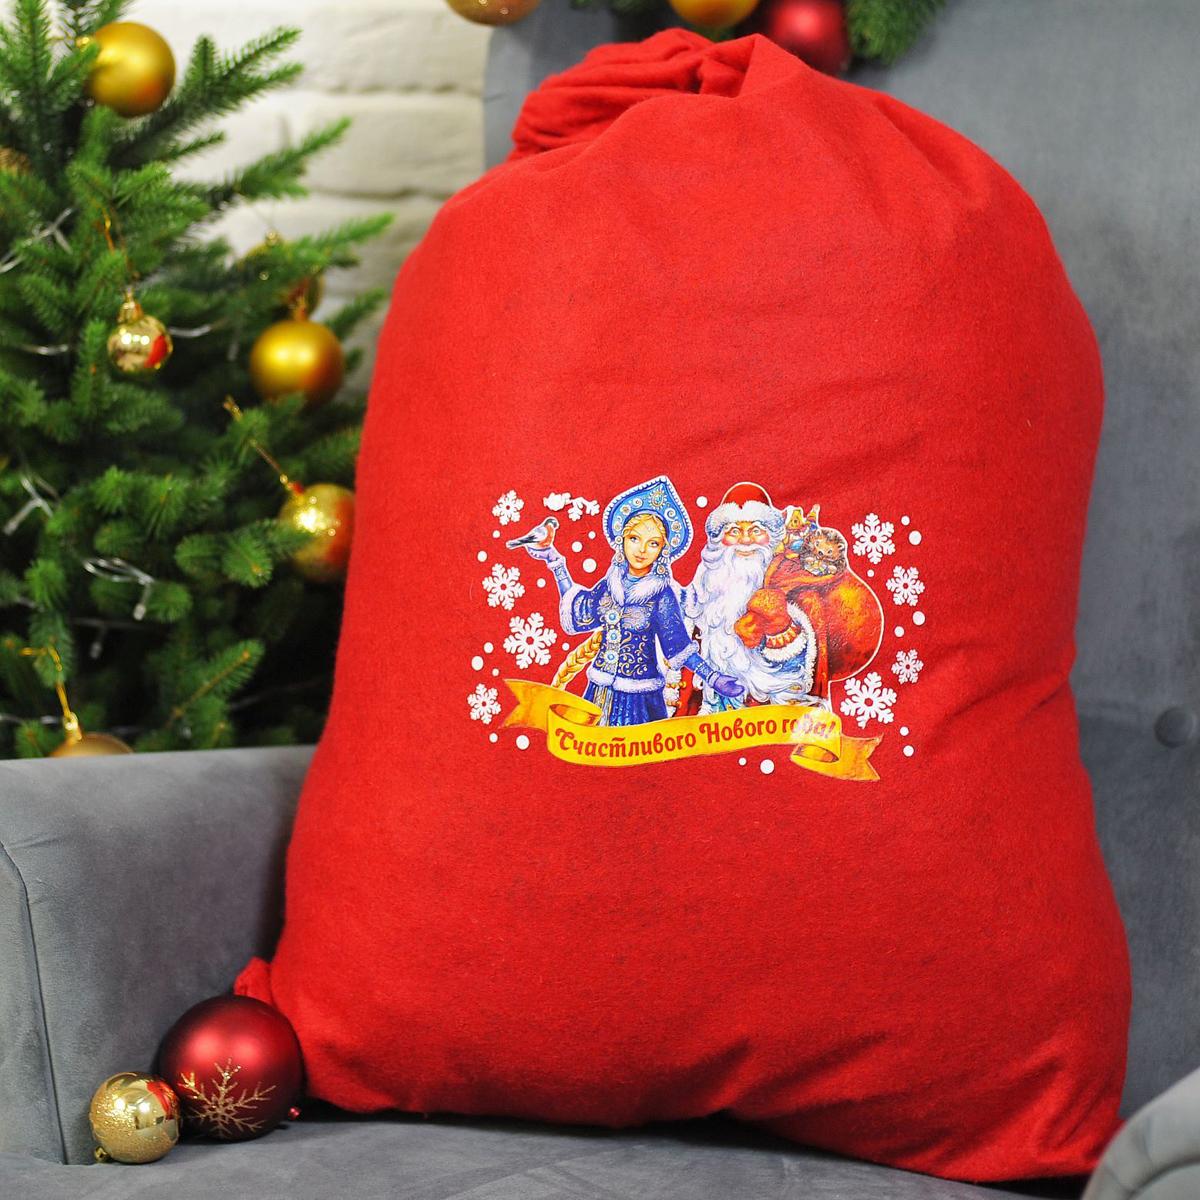 Упаковка подарочная Страна Карнавалия Мешок Деда Мороза. Счастливого нового года, цвет: красный, 60 х 90 см2226423Подарочная упаковка Страна Карнавалия Мешок Деда Мороза. Счастливого нового года превратит любое торжество в настоящий яркий и веселый карнавал полный сюрпризов и смеха. Яркий красный аксессуар, с изображением Деда Мороза и Снегурочки, дополнит любой праздничный наряд, и все близкие будут рады получить из рук краснощекого персонажа заслуженный подарок!Размер: 60 х 690 см.